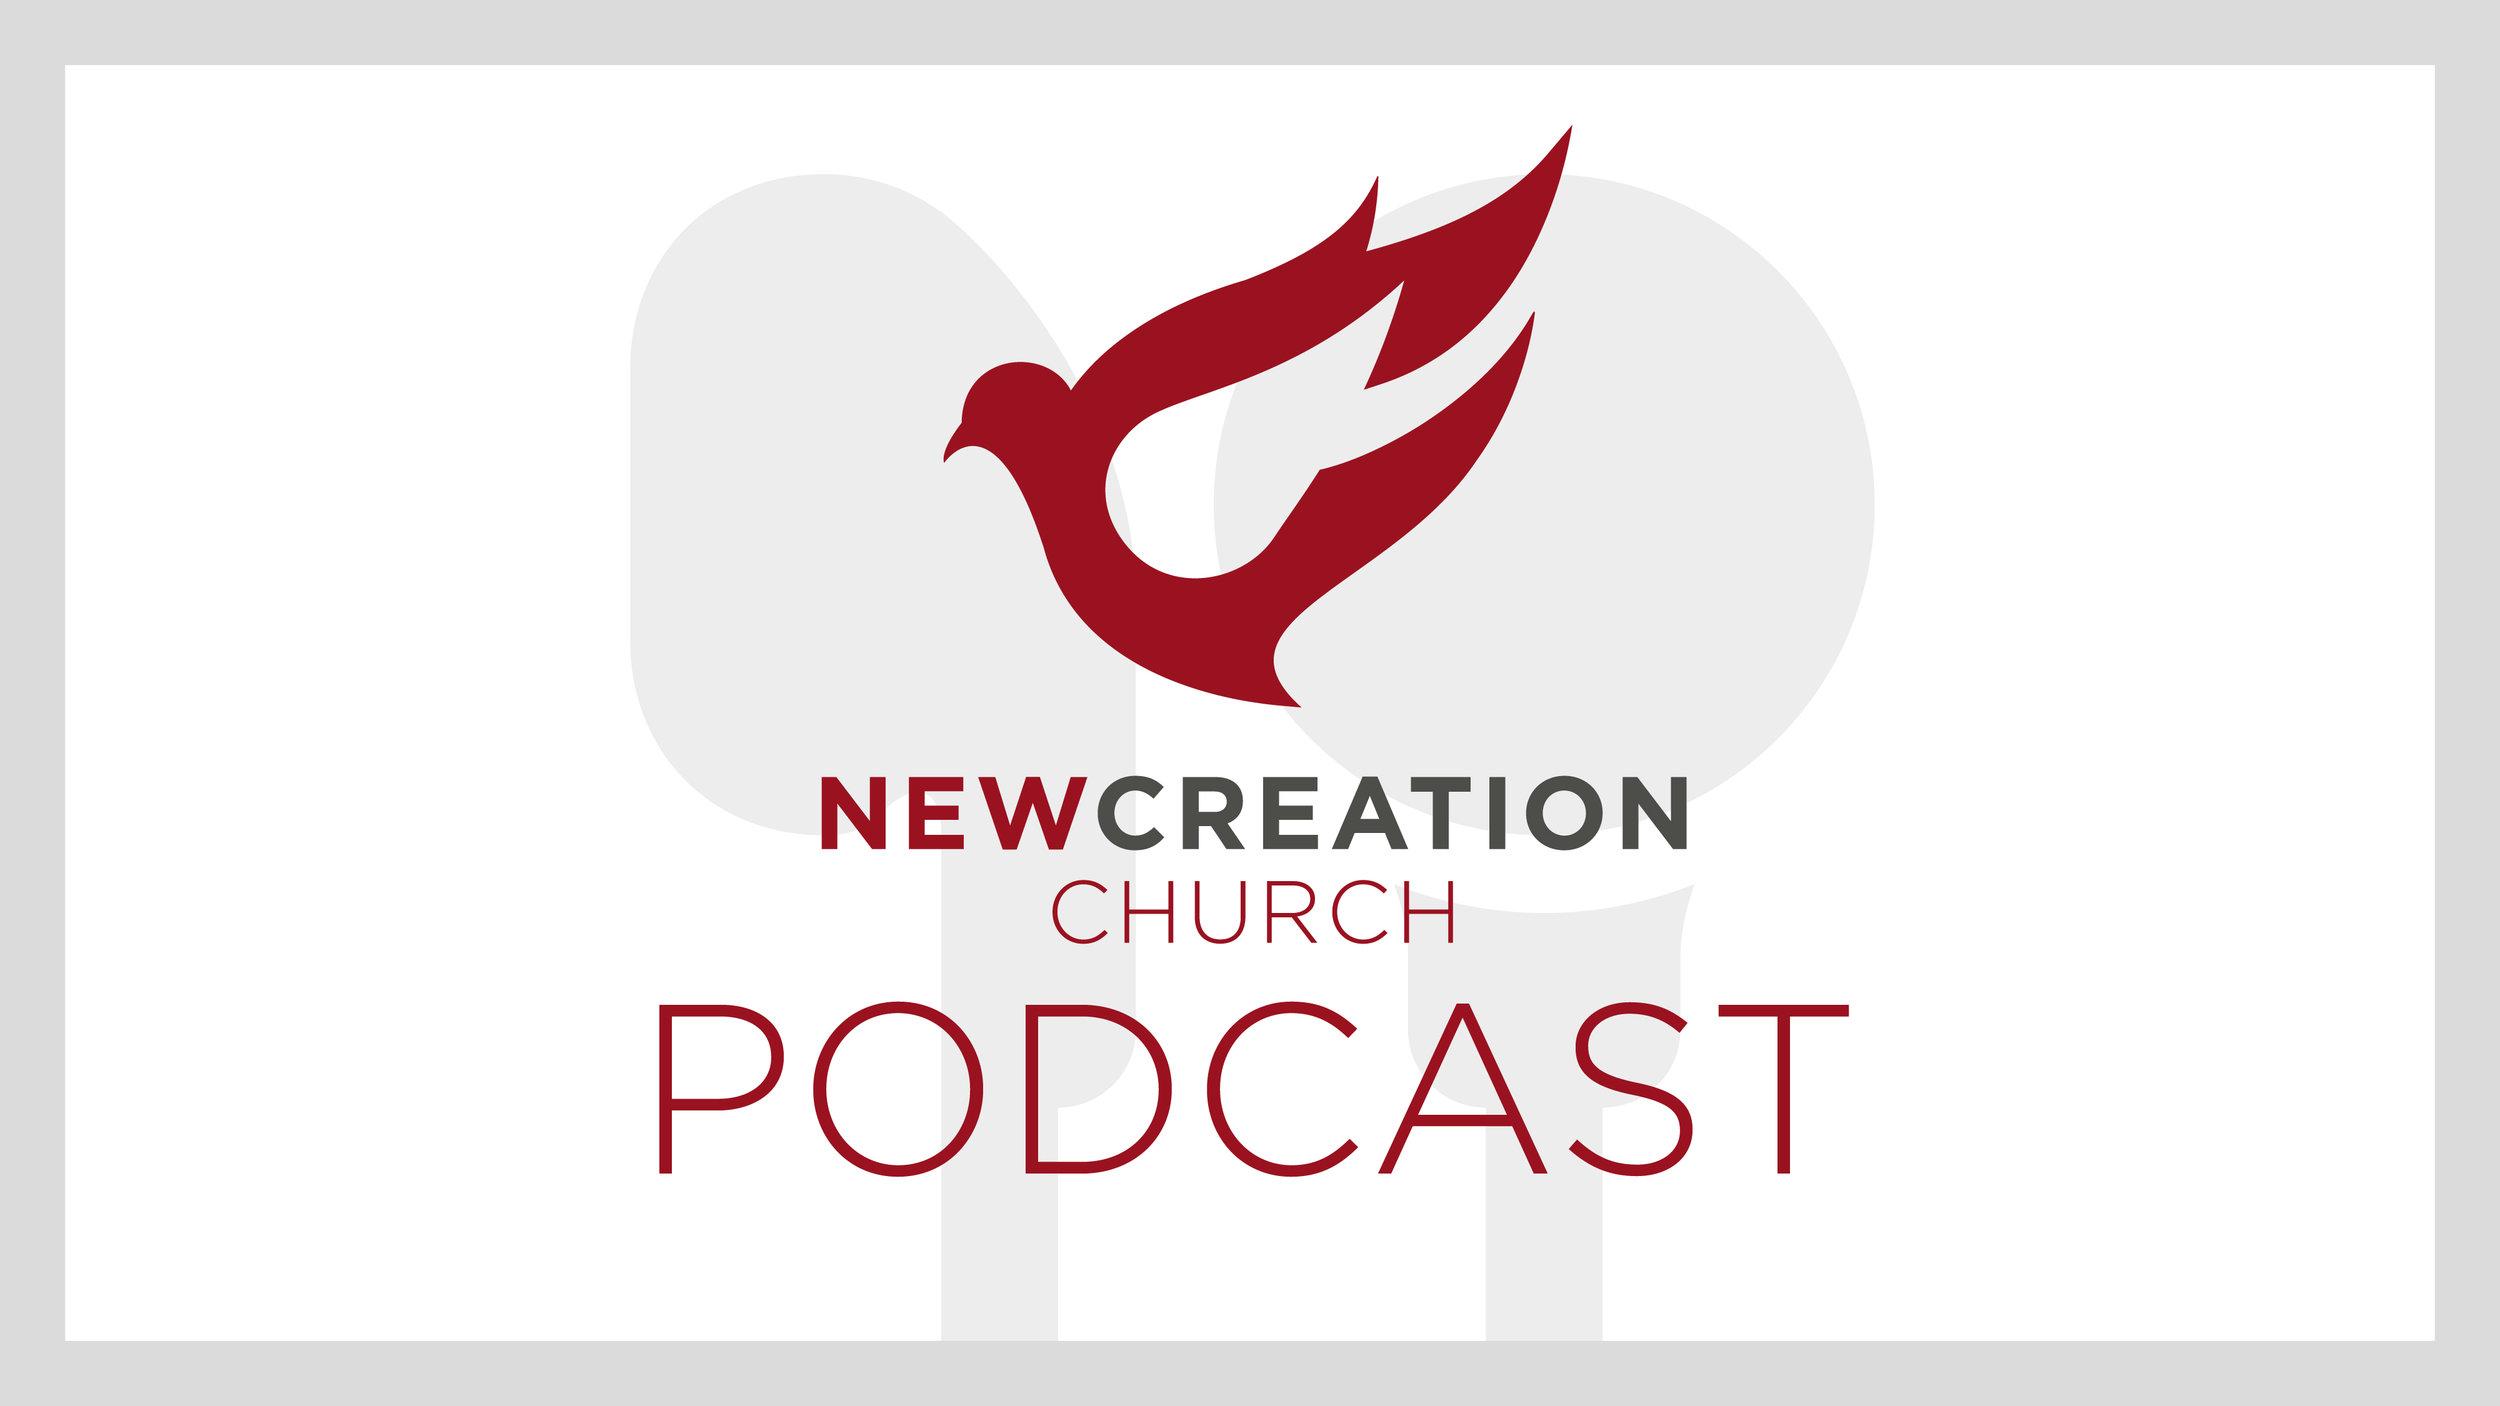 nccpodcast_widescreen-10.jpg